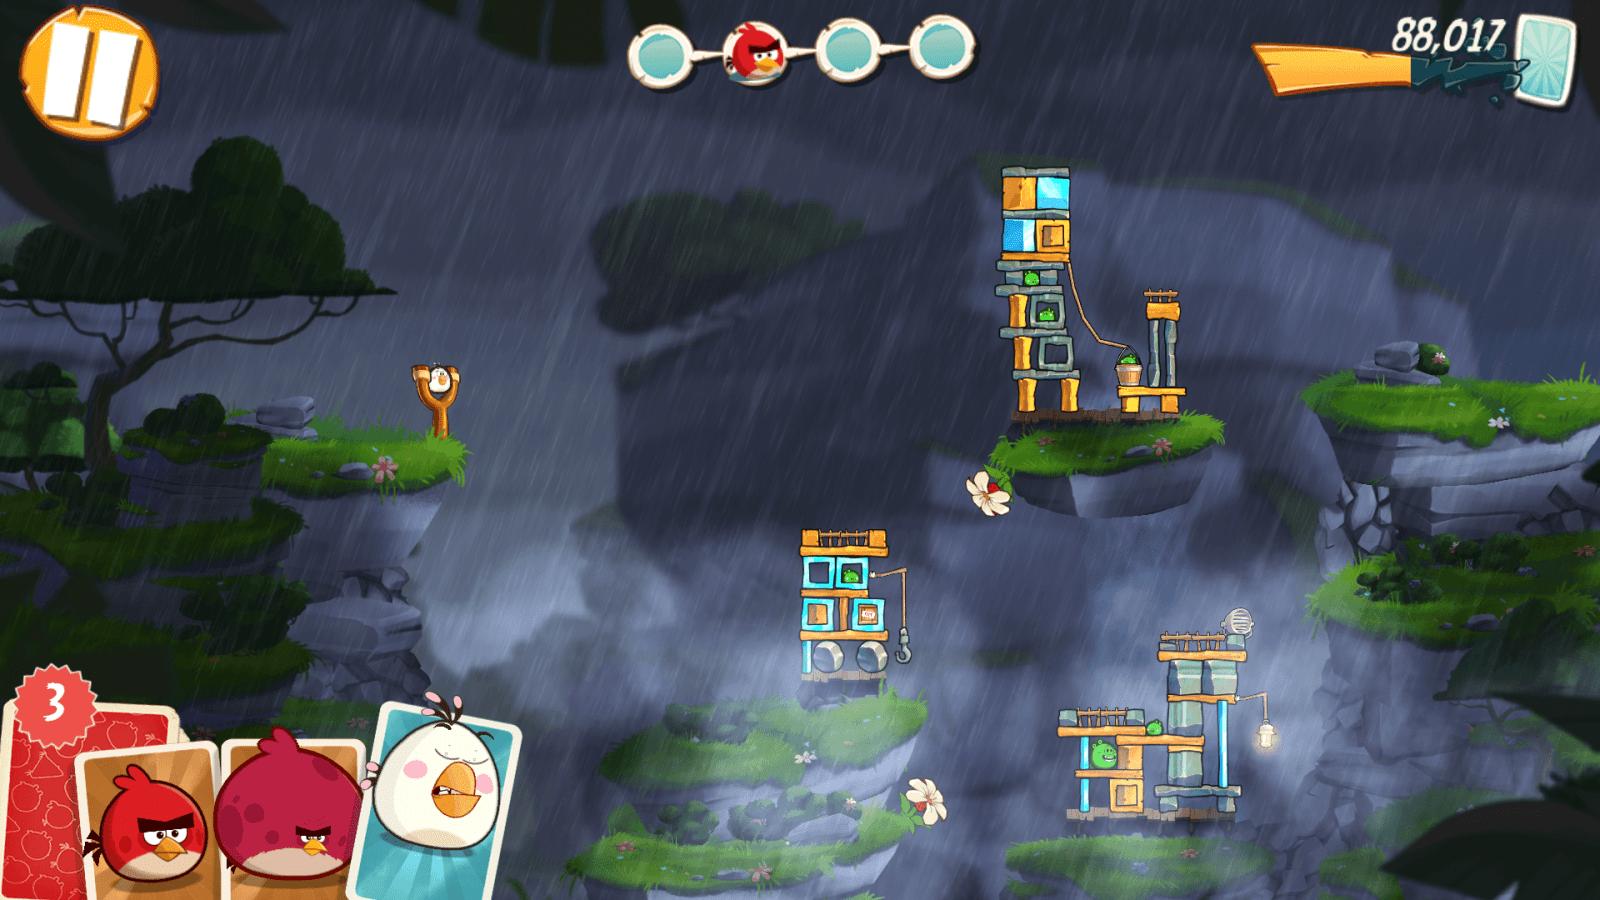 Screenshot 2015 08 24 02 43 18 - Прохождение боссов Angry Birds 2, часть 3